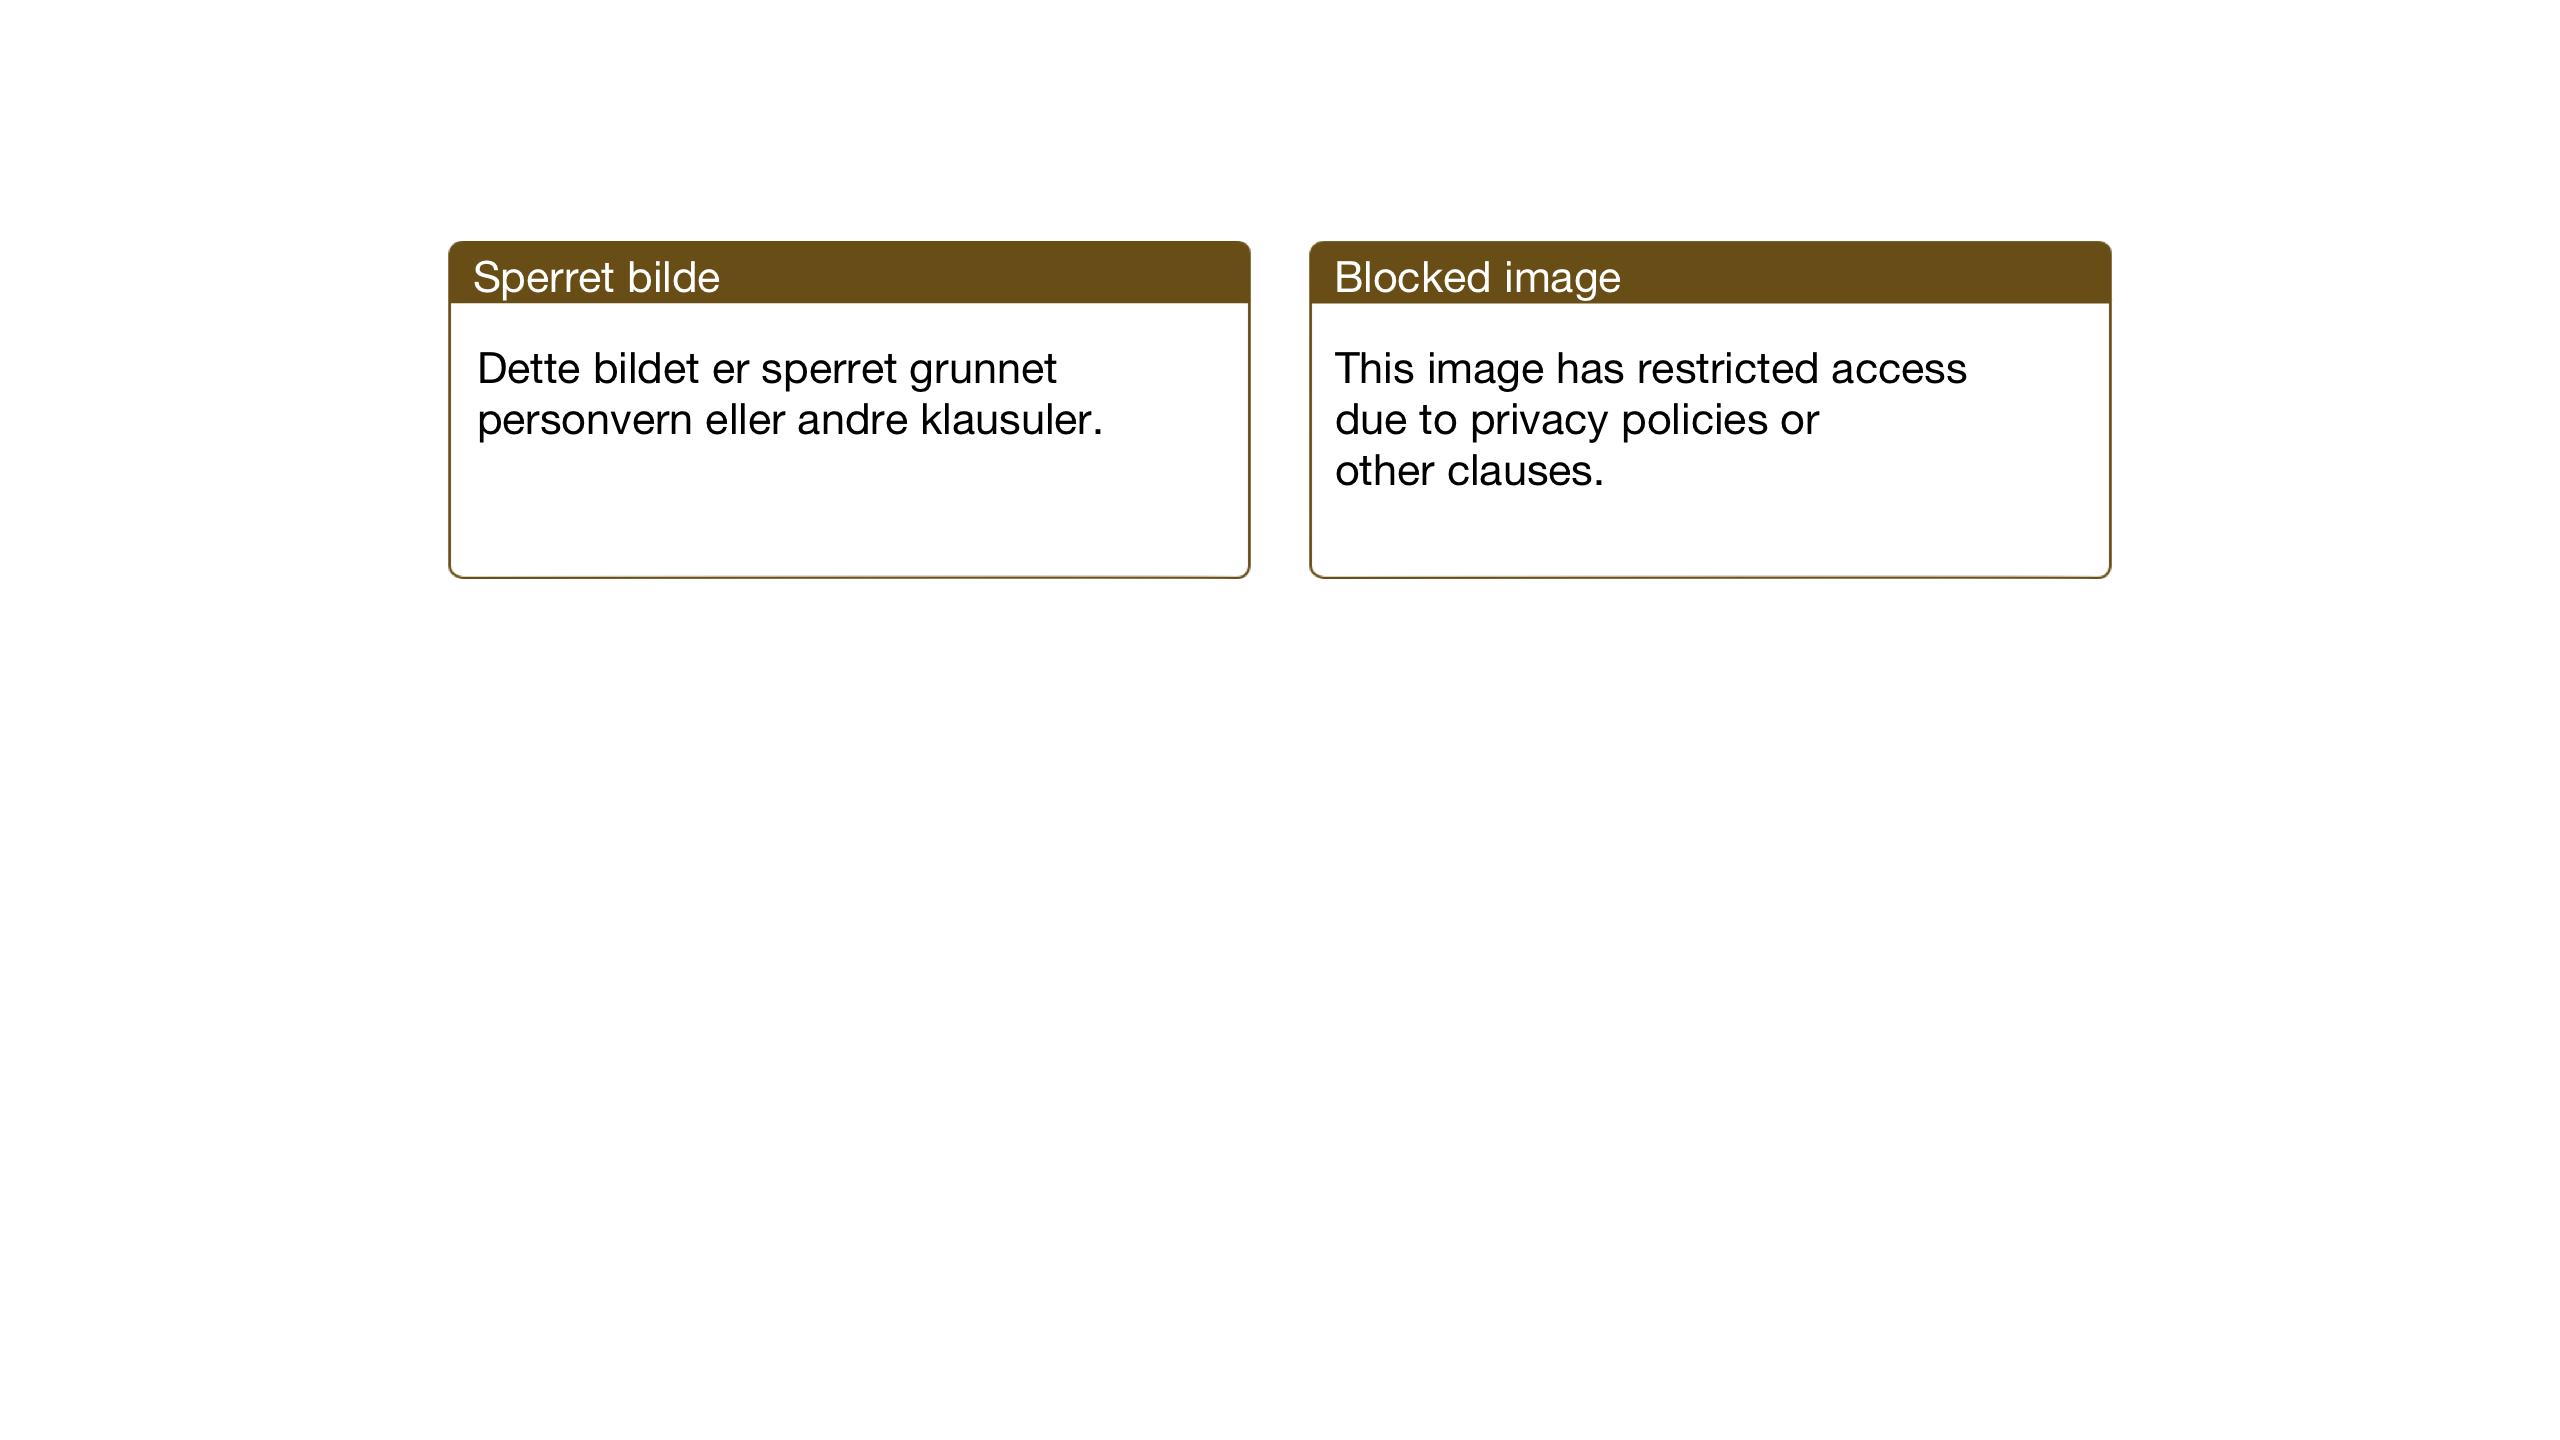 SAT, Ministerialprotokoller, klokkerbøker og fødselsregistre - Nord-Trøndelag, 749/L0481: Klokkerbok nr. 749C03, 1933-1945, s. 22